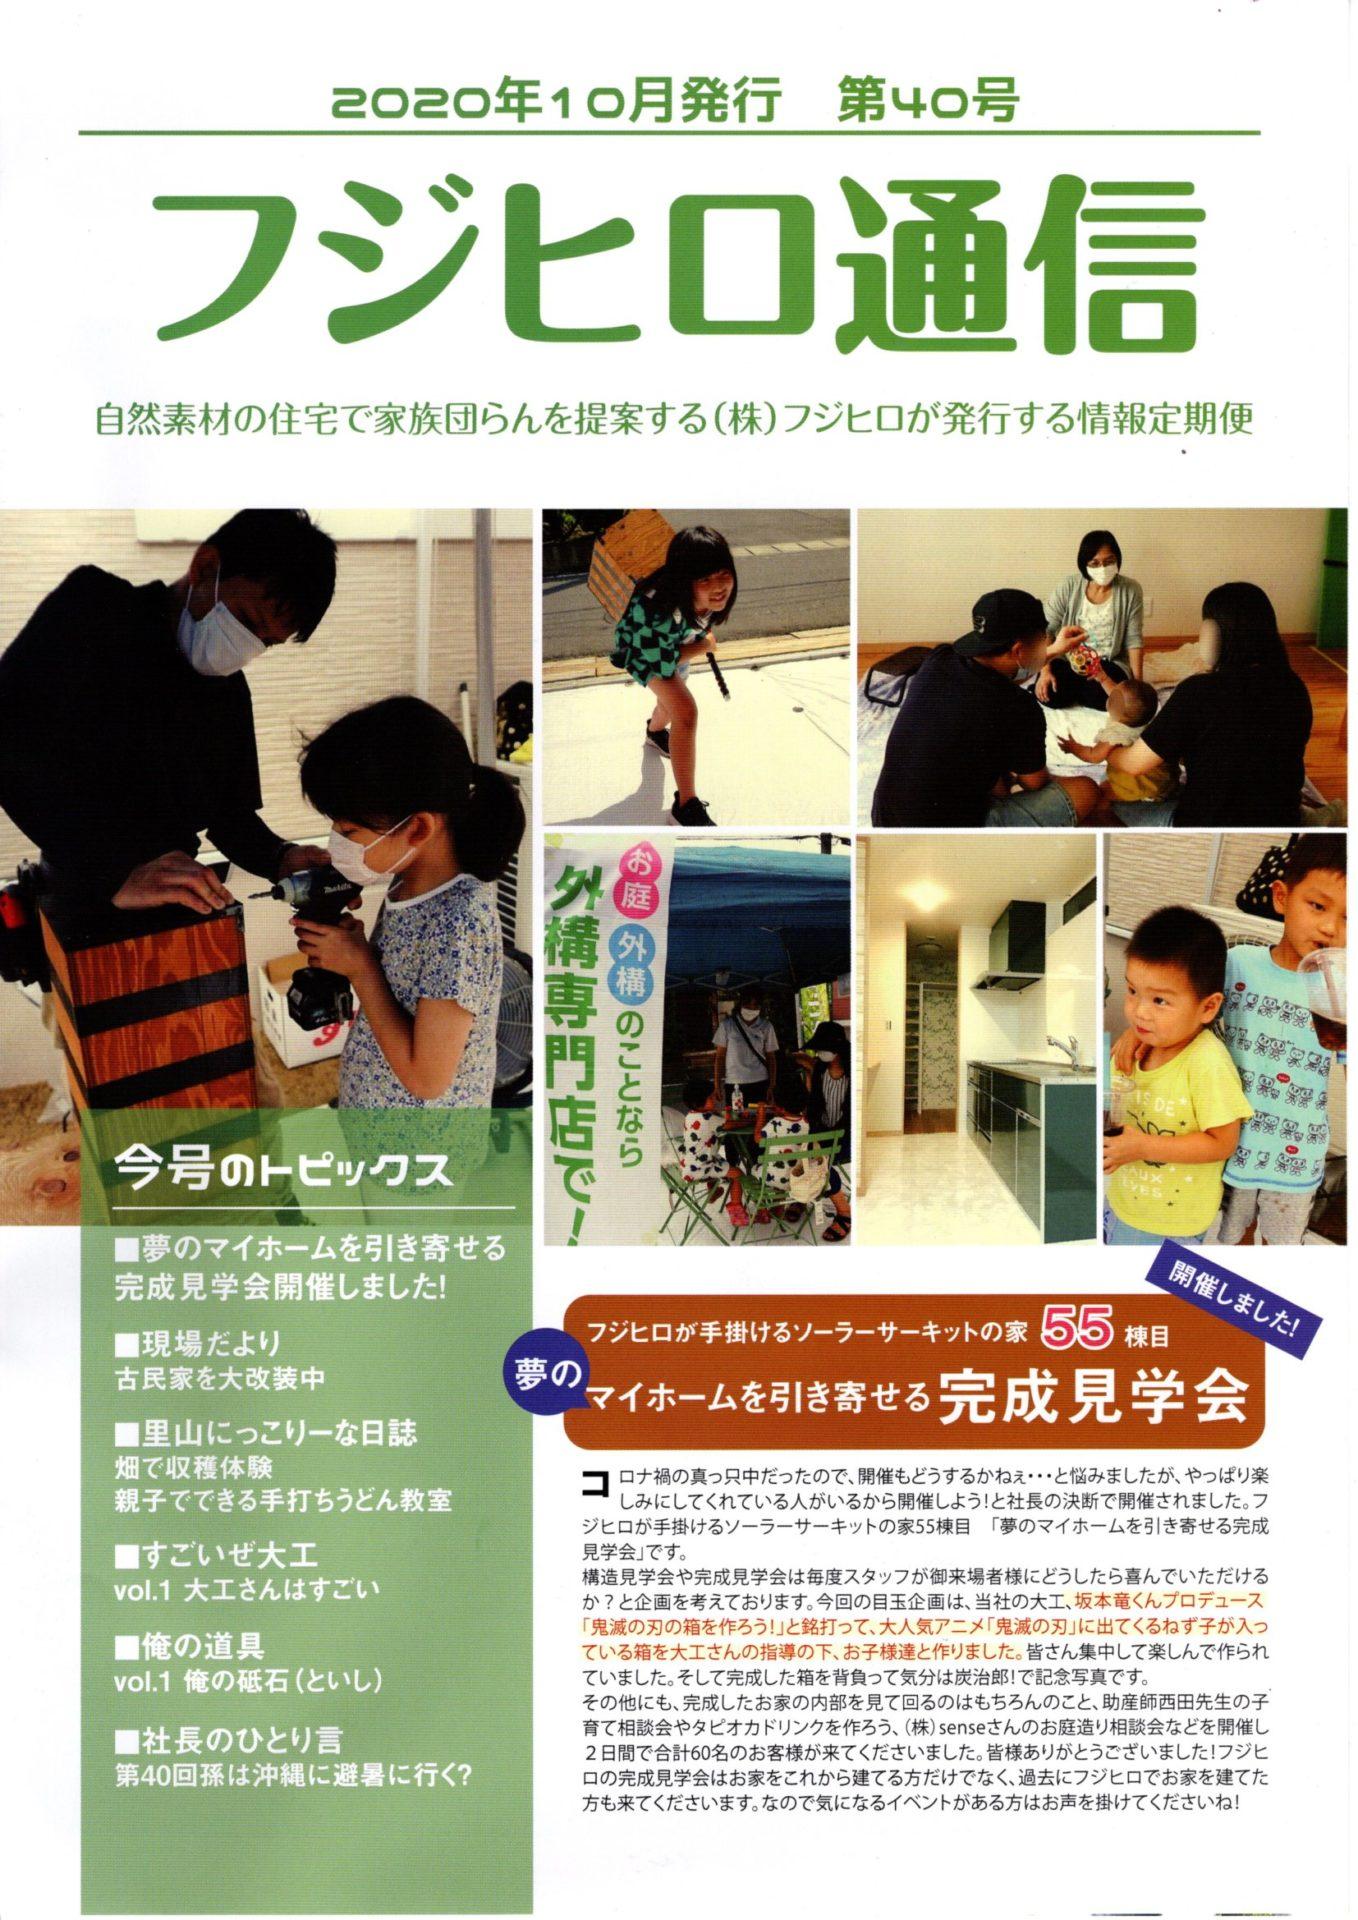 福山市自然素材健康住宅 フジヒロ通信